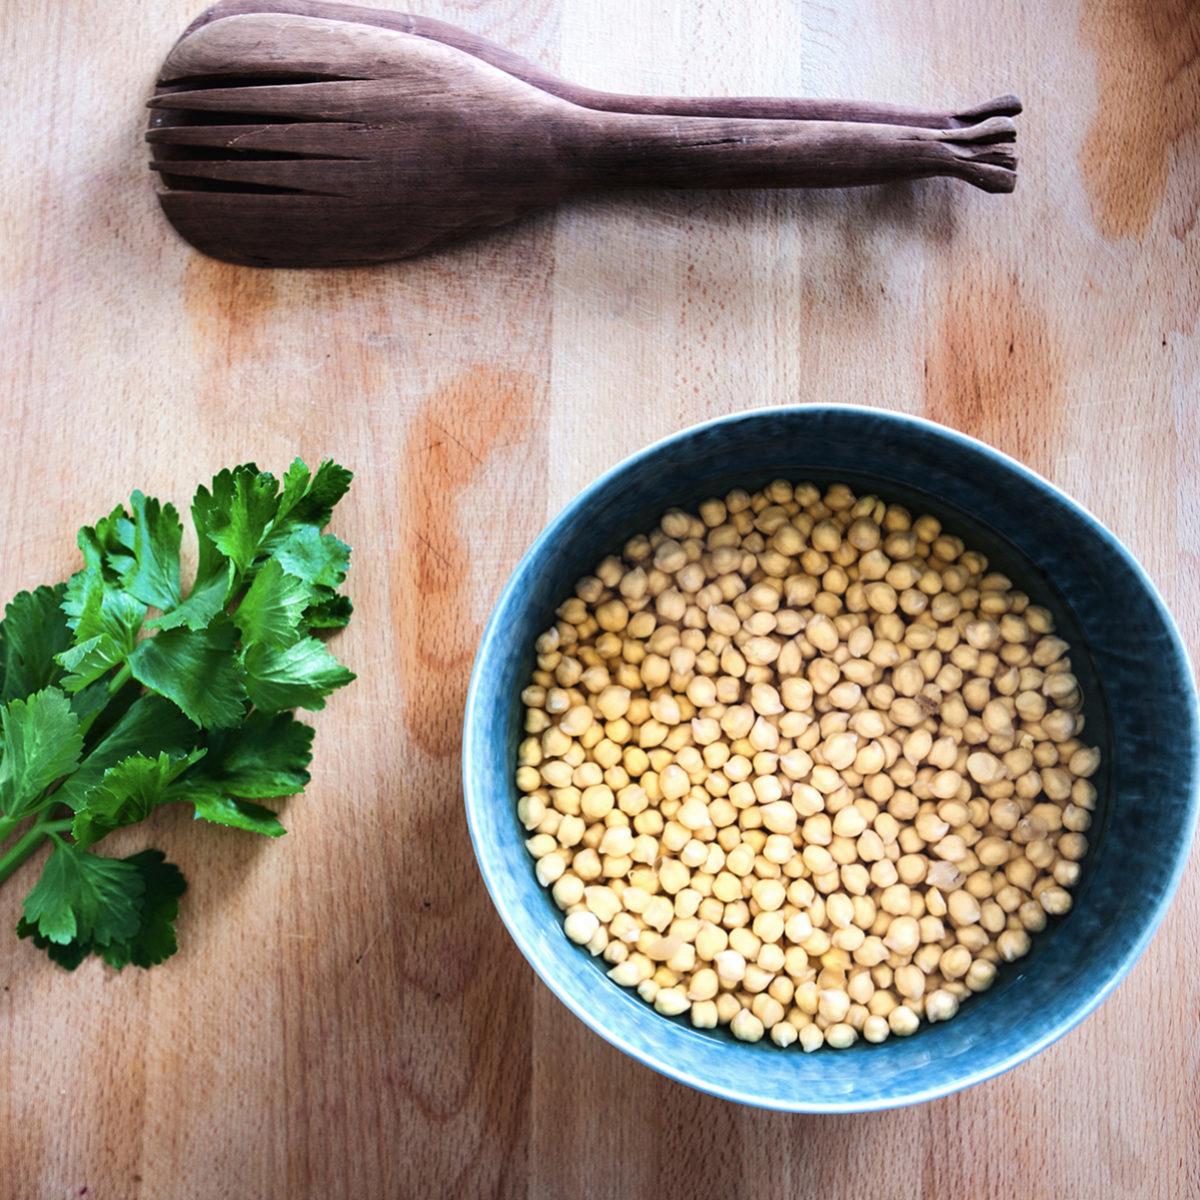 Para hacer hummus casero necesitas garbanzos ecológicos.